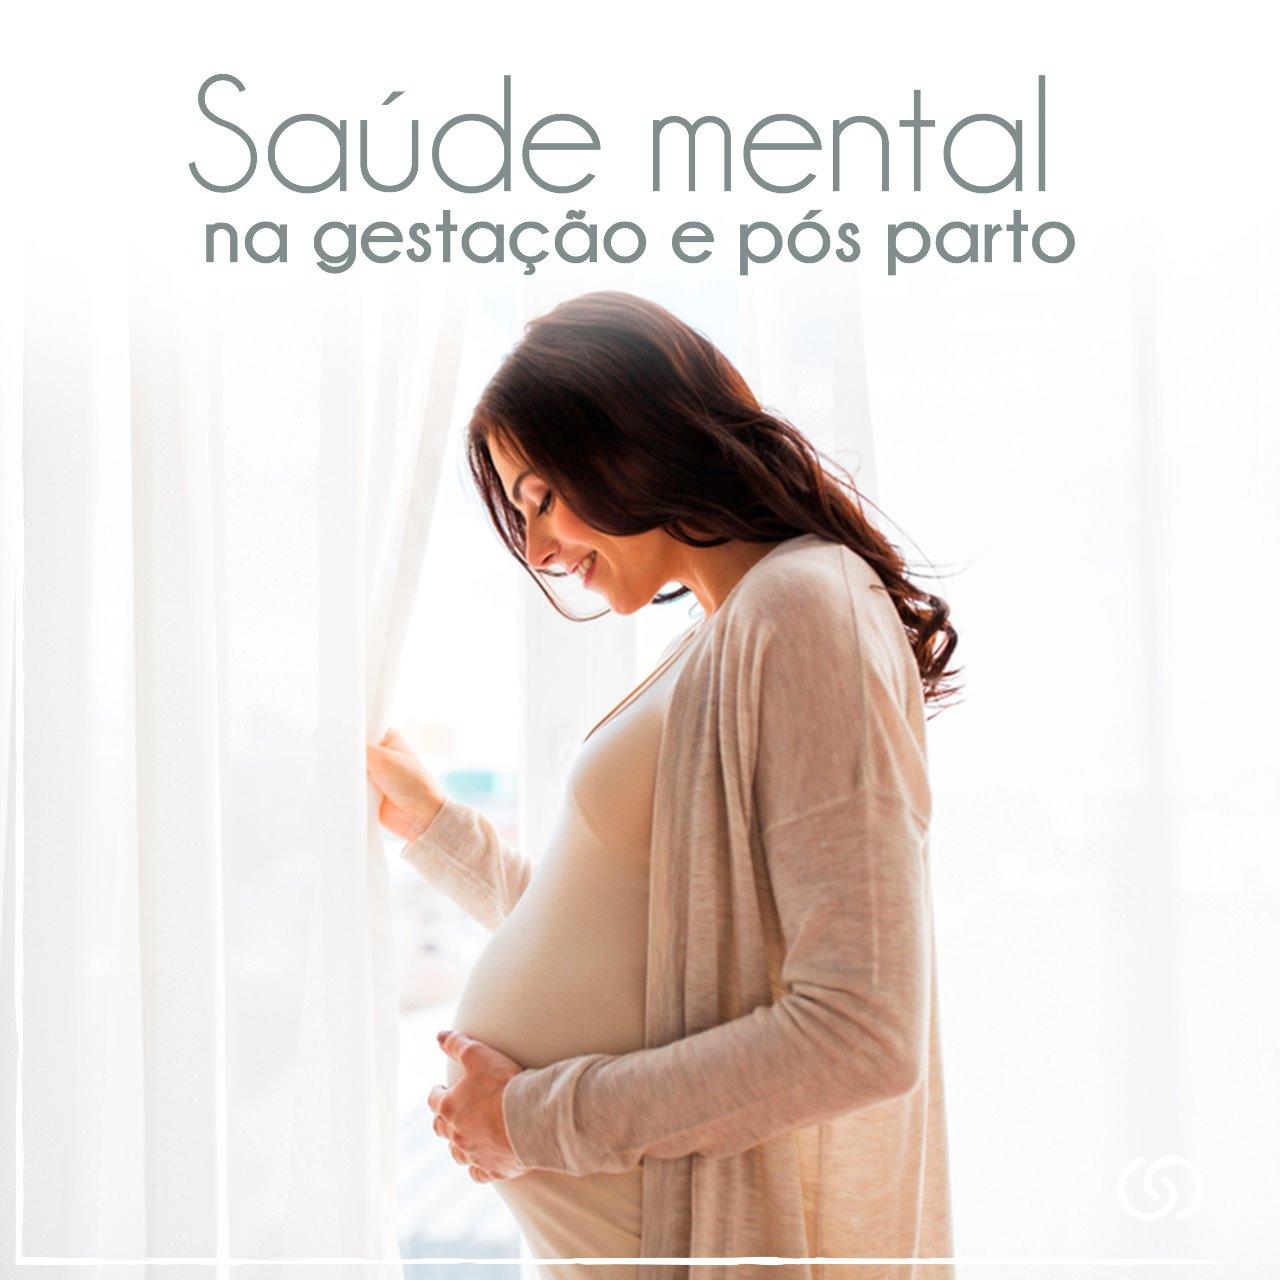 Saúde mental na gestação e pós-parto